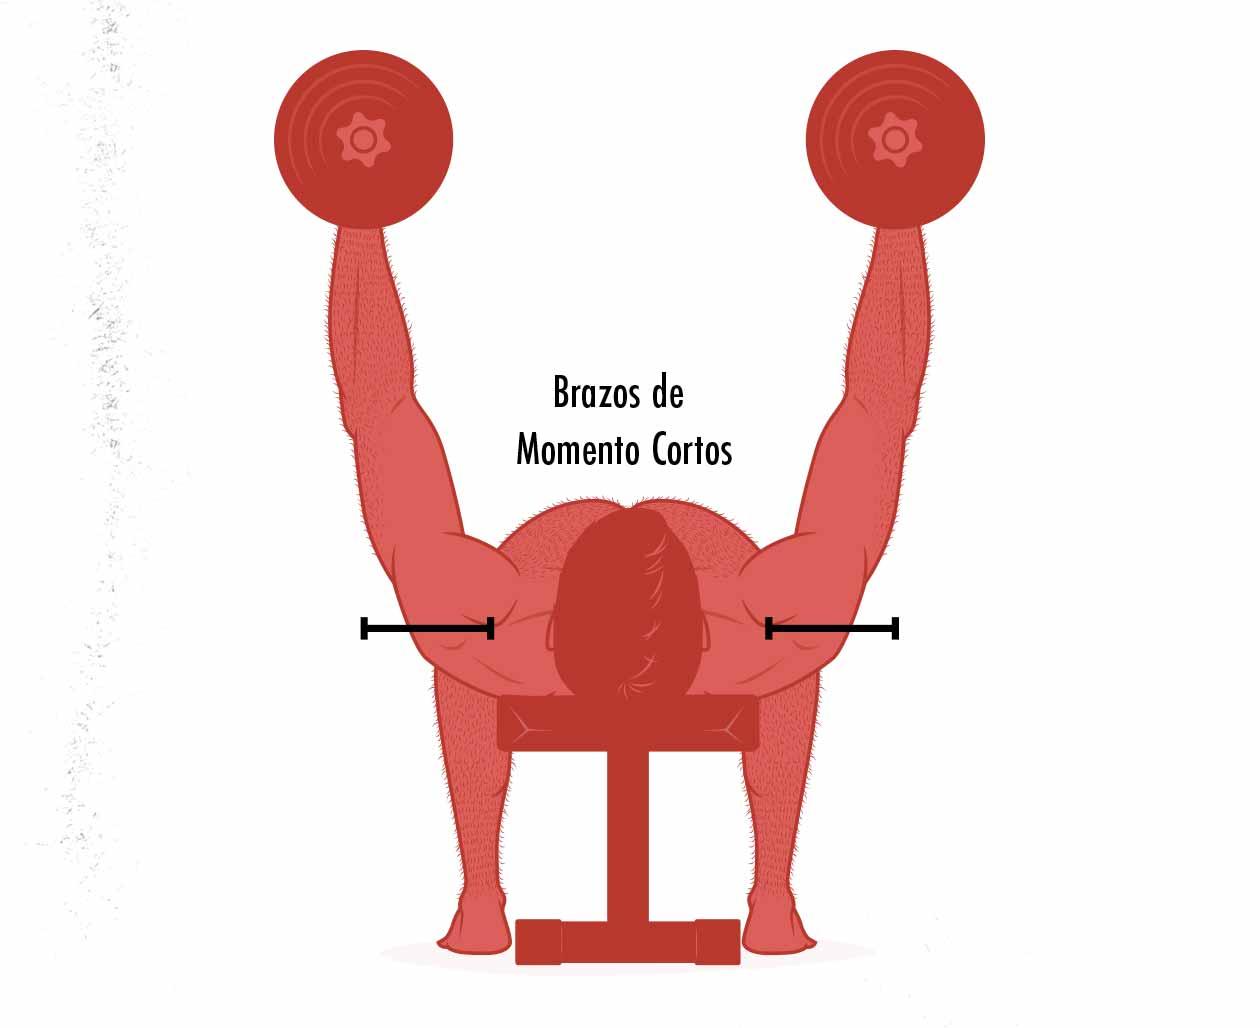 Ilustración mostrando cómo mantener la tensión en la parte alta de las aperturas de mancuernas.